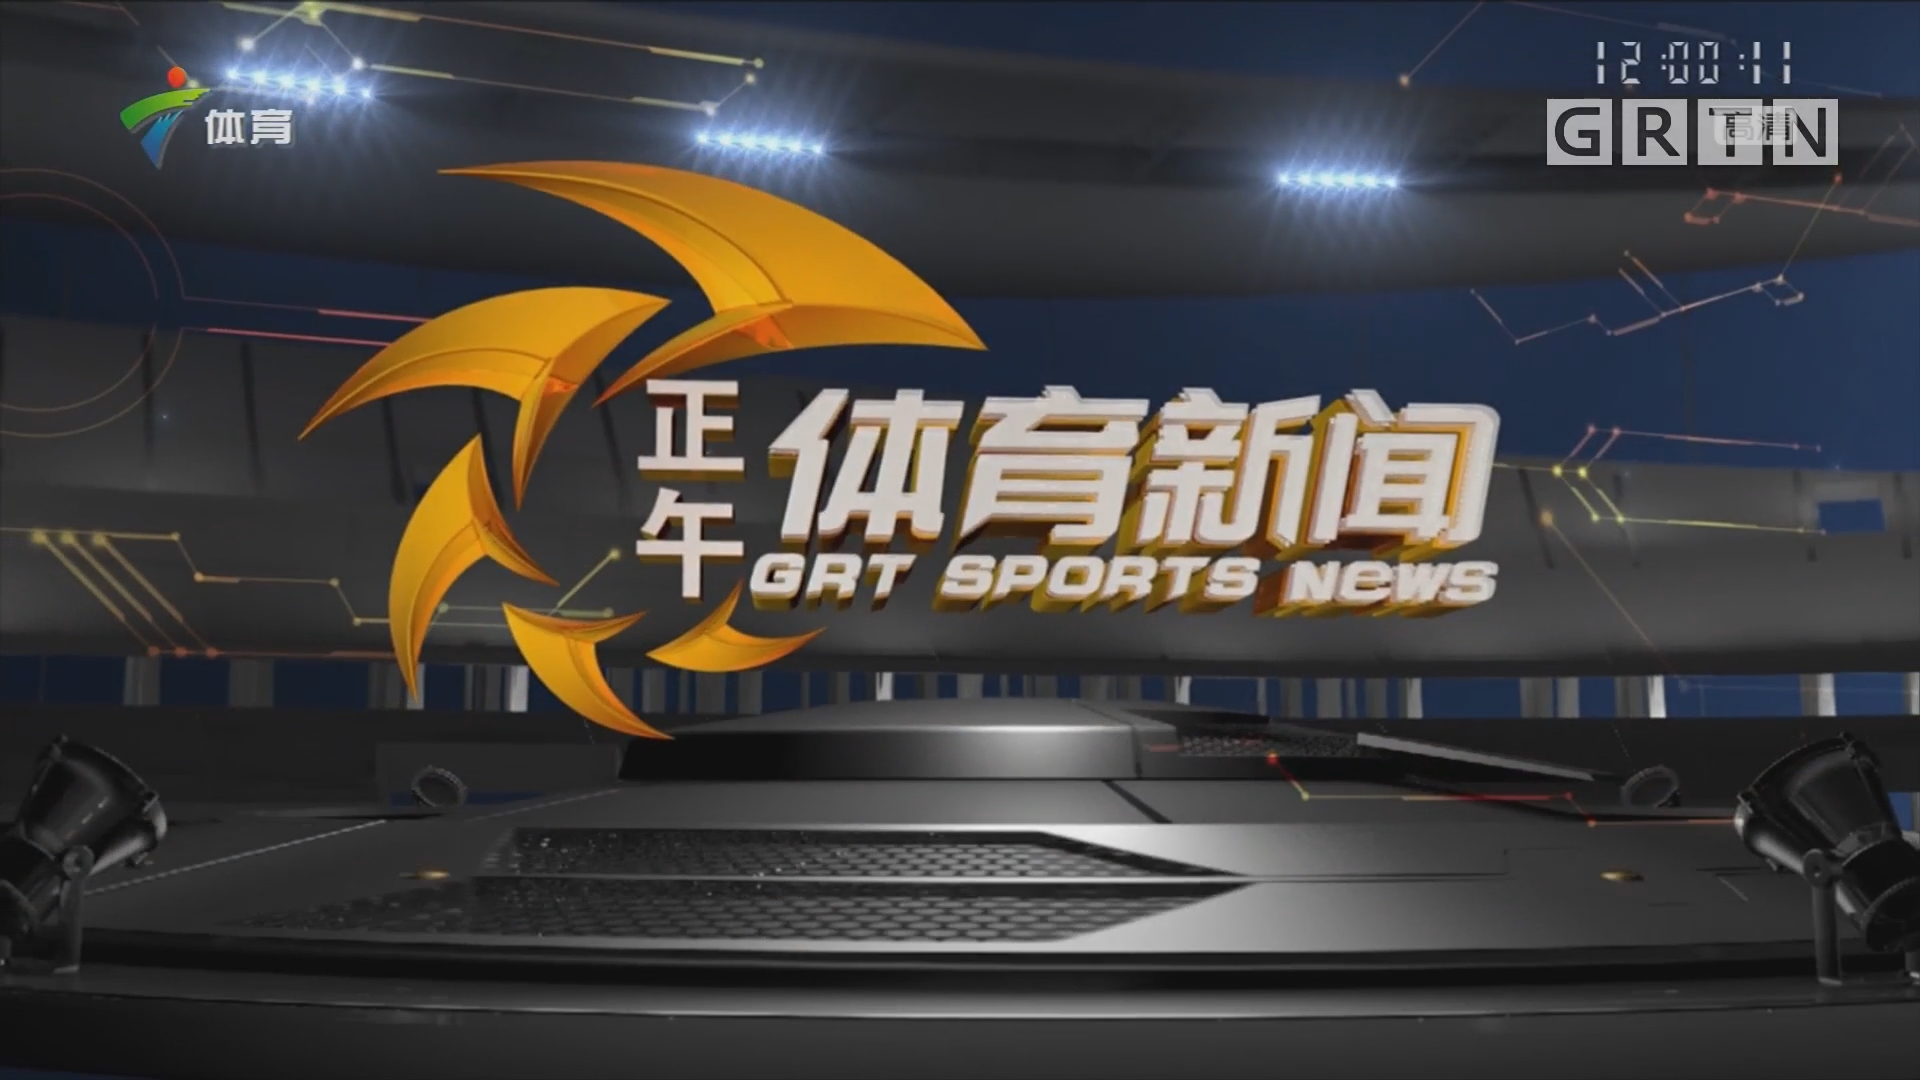 """[HD][2018-09-19]正午体育新闻:屡失良机 广州恒大错失""""天王山之战"""""""